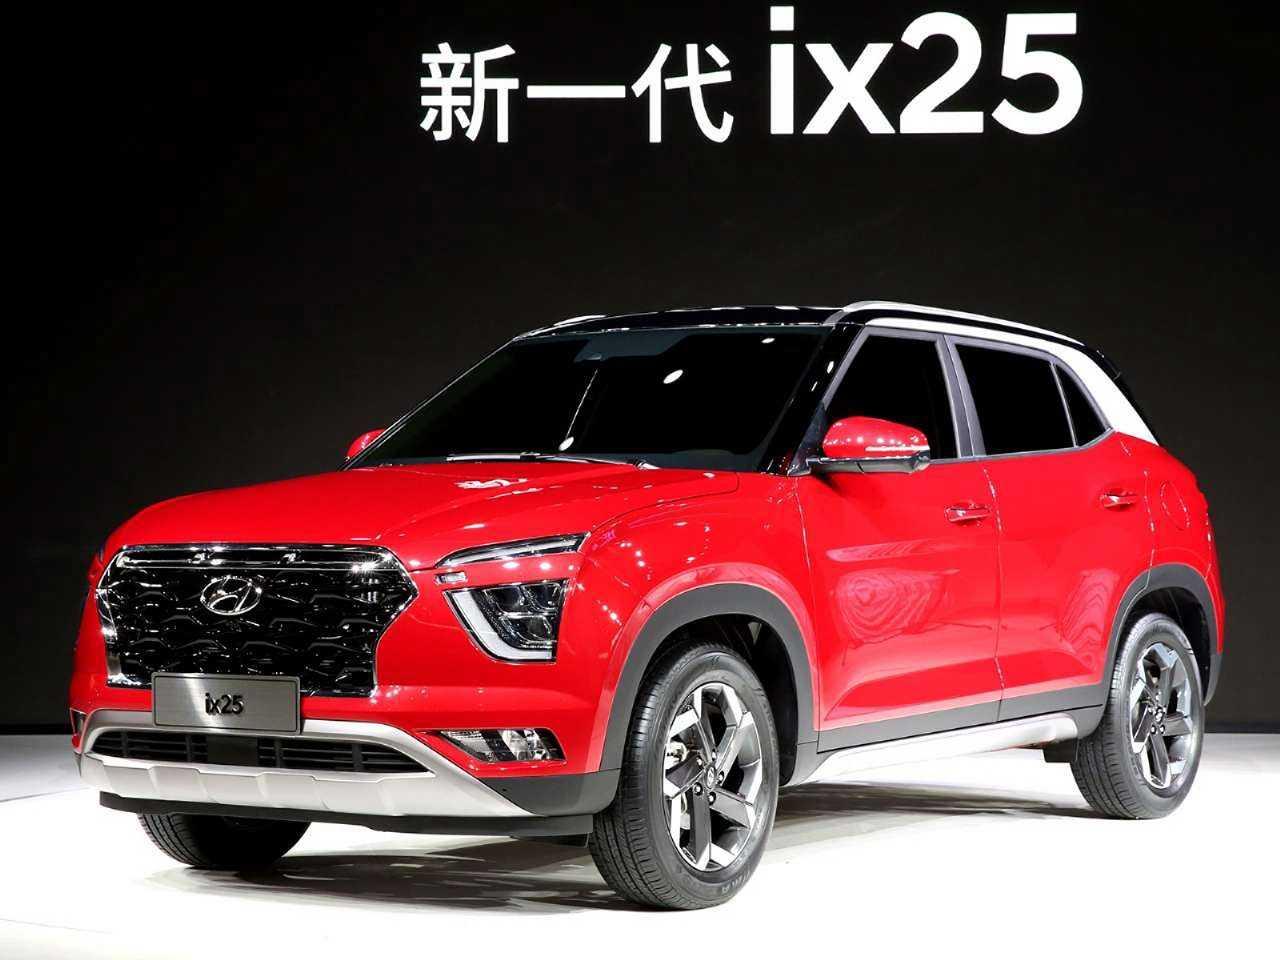 Acima a nova geração do Hyundai ix25 revelada na China neste ano